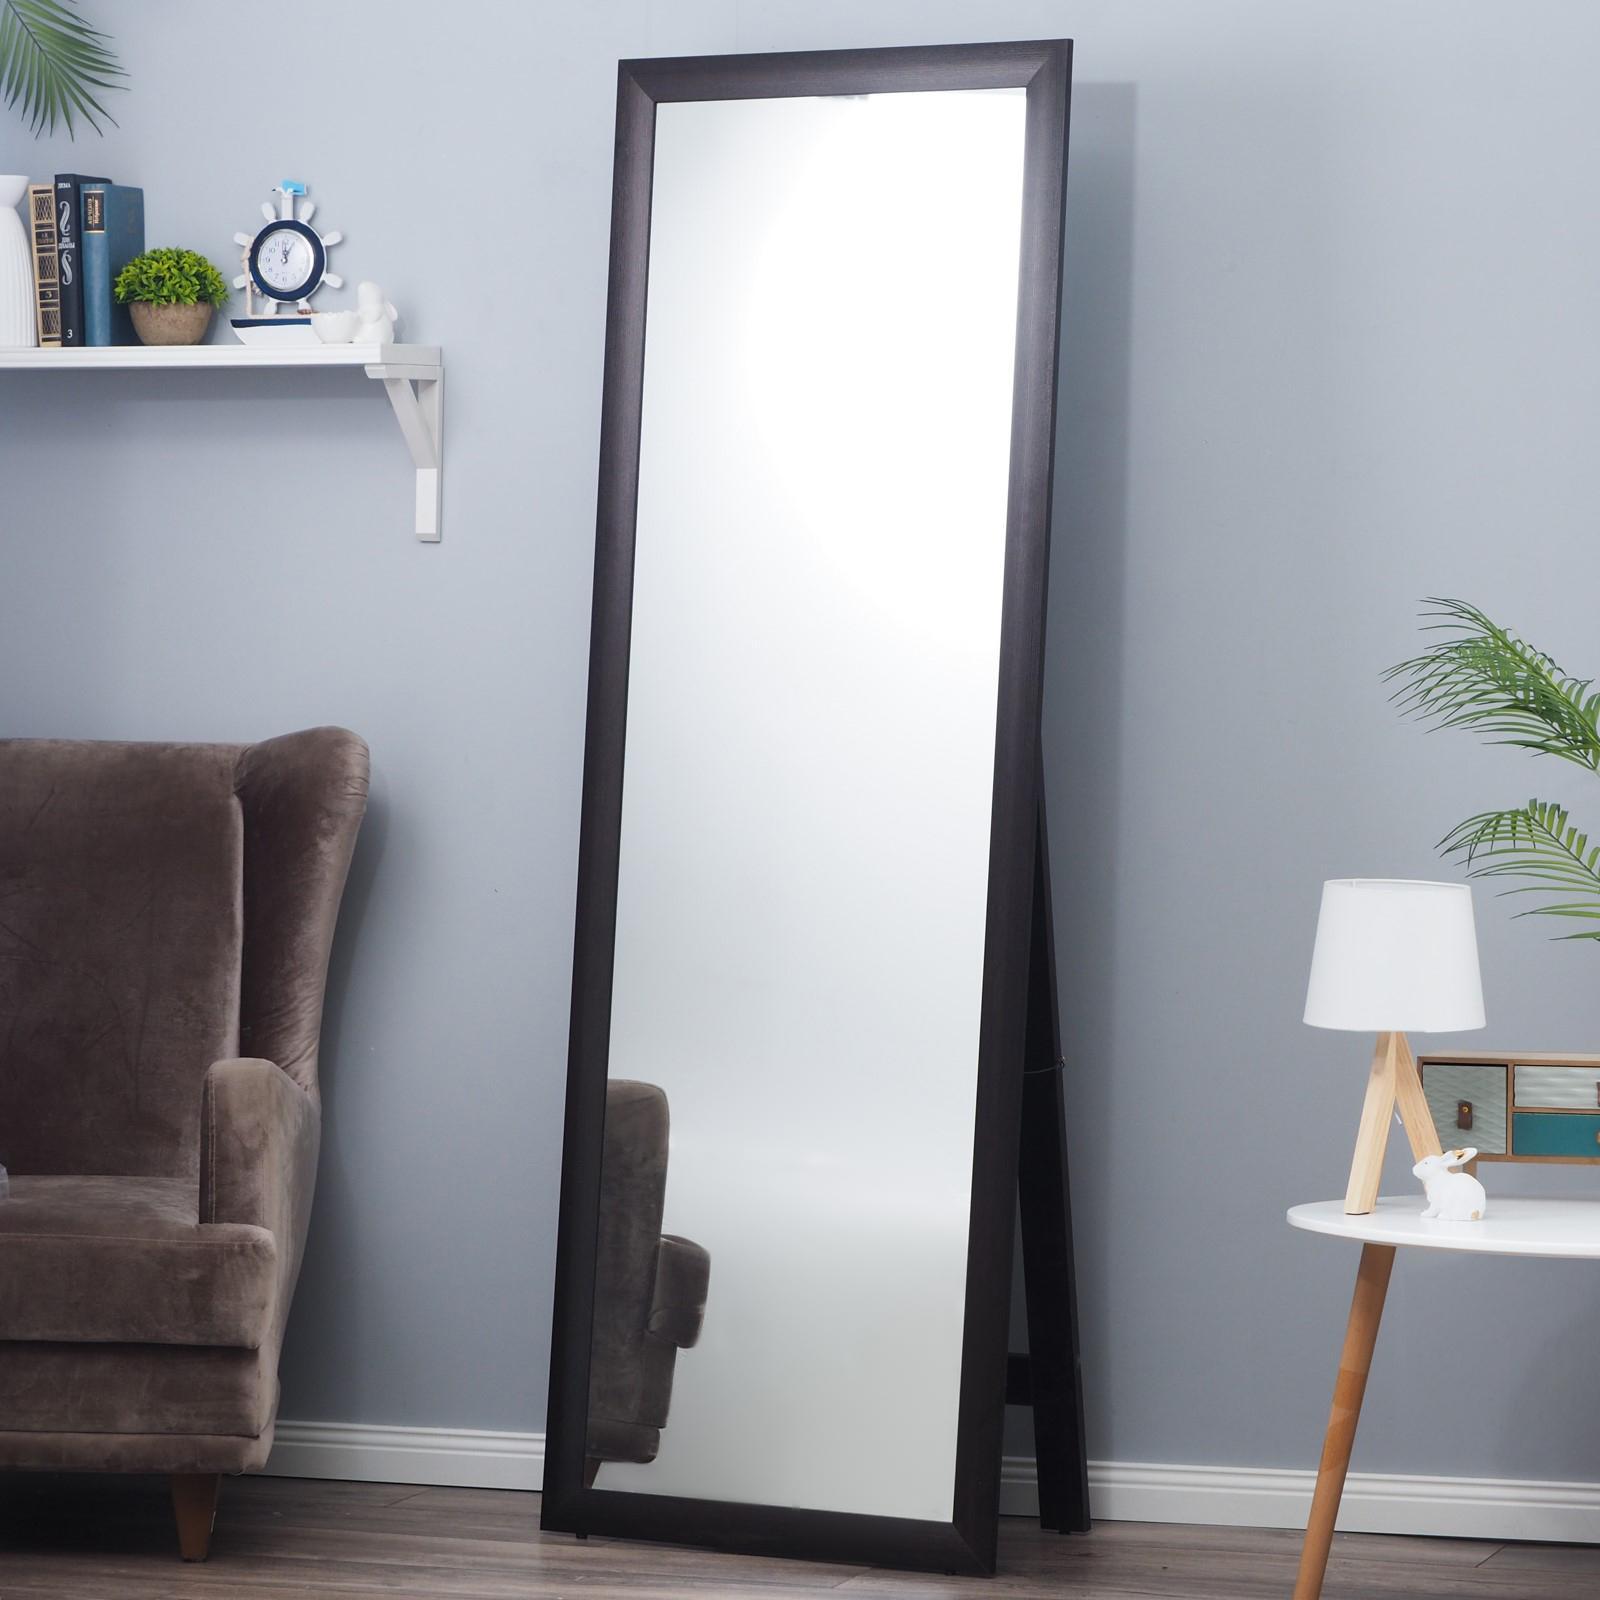 65c0e2e893de Зеркало напольное, 63×180 см (1220089) - Купить по цене от 4134.00 ...